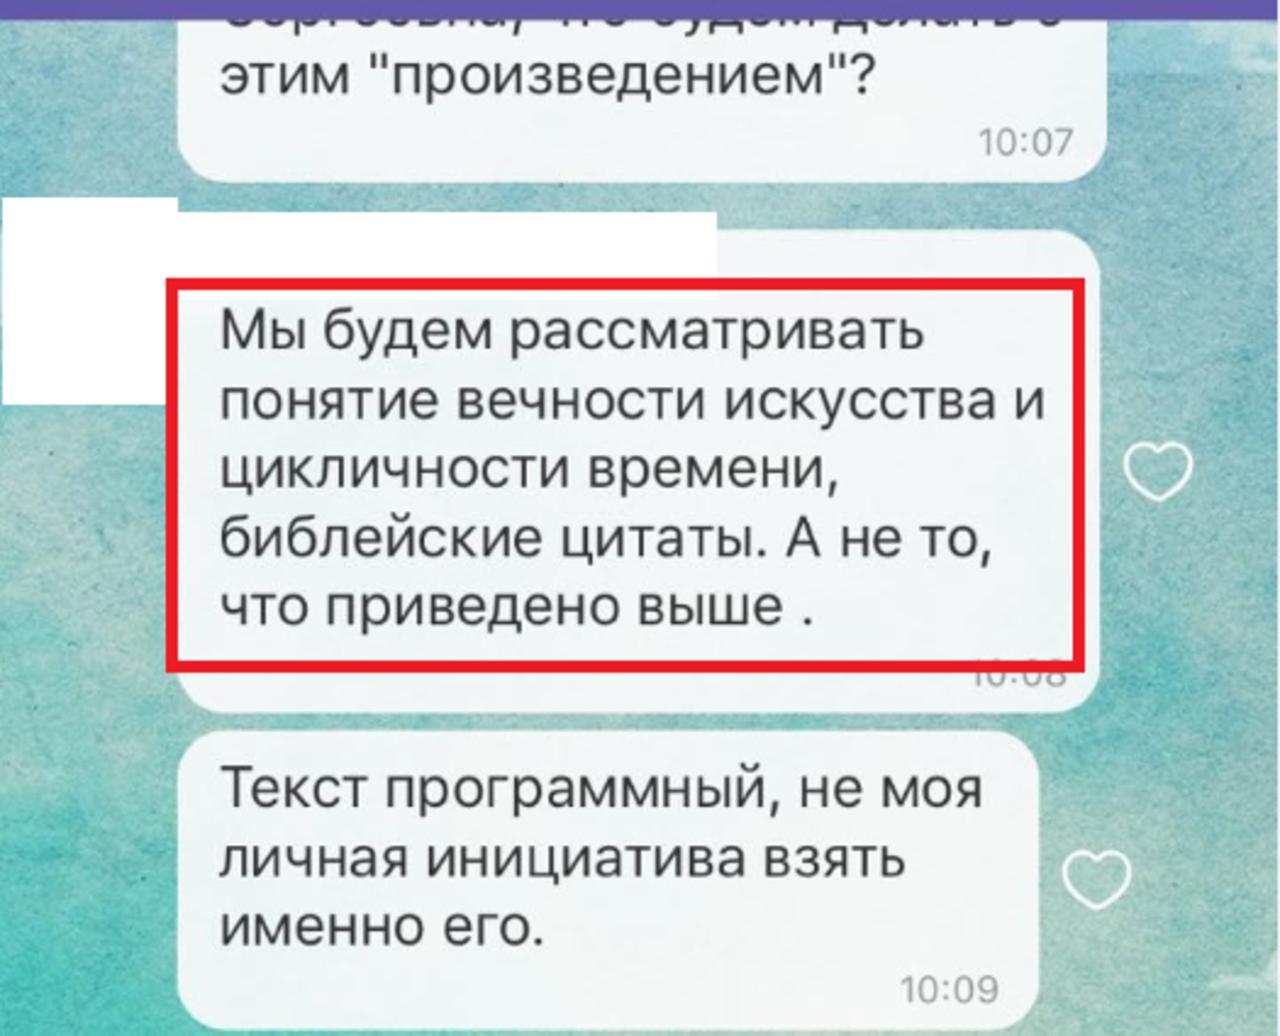 Эротика за партой: в России ученикам задали оригинальное задание